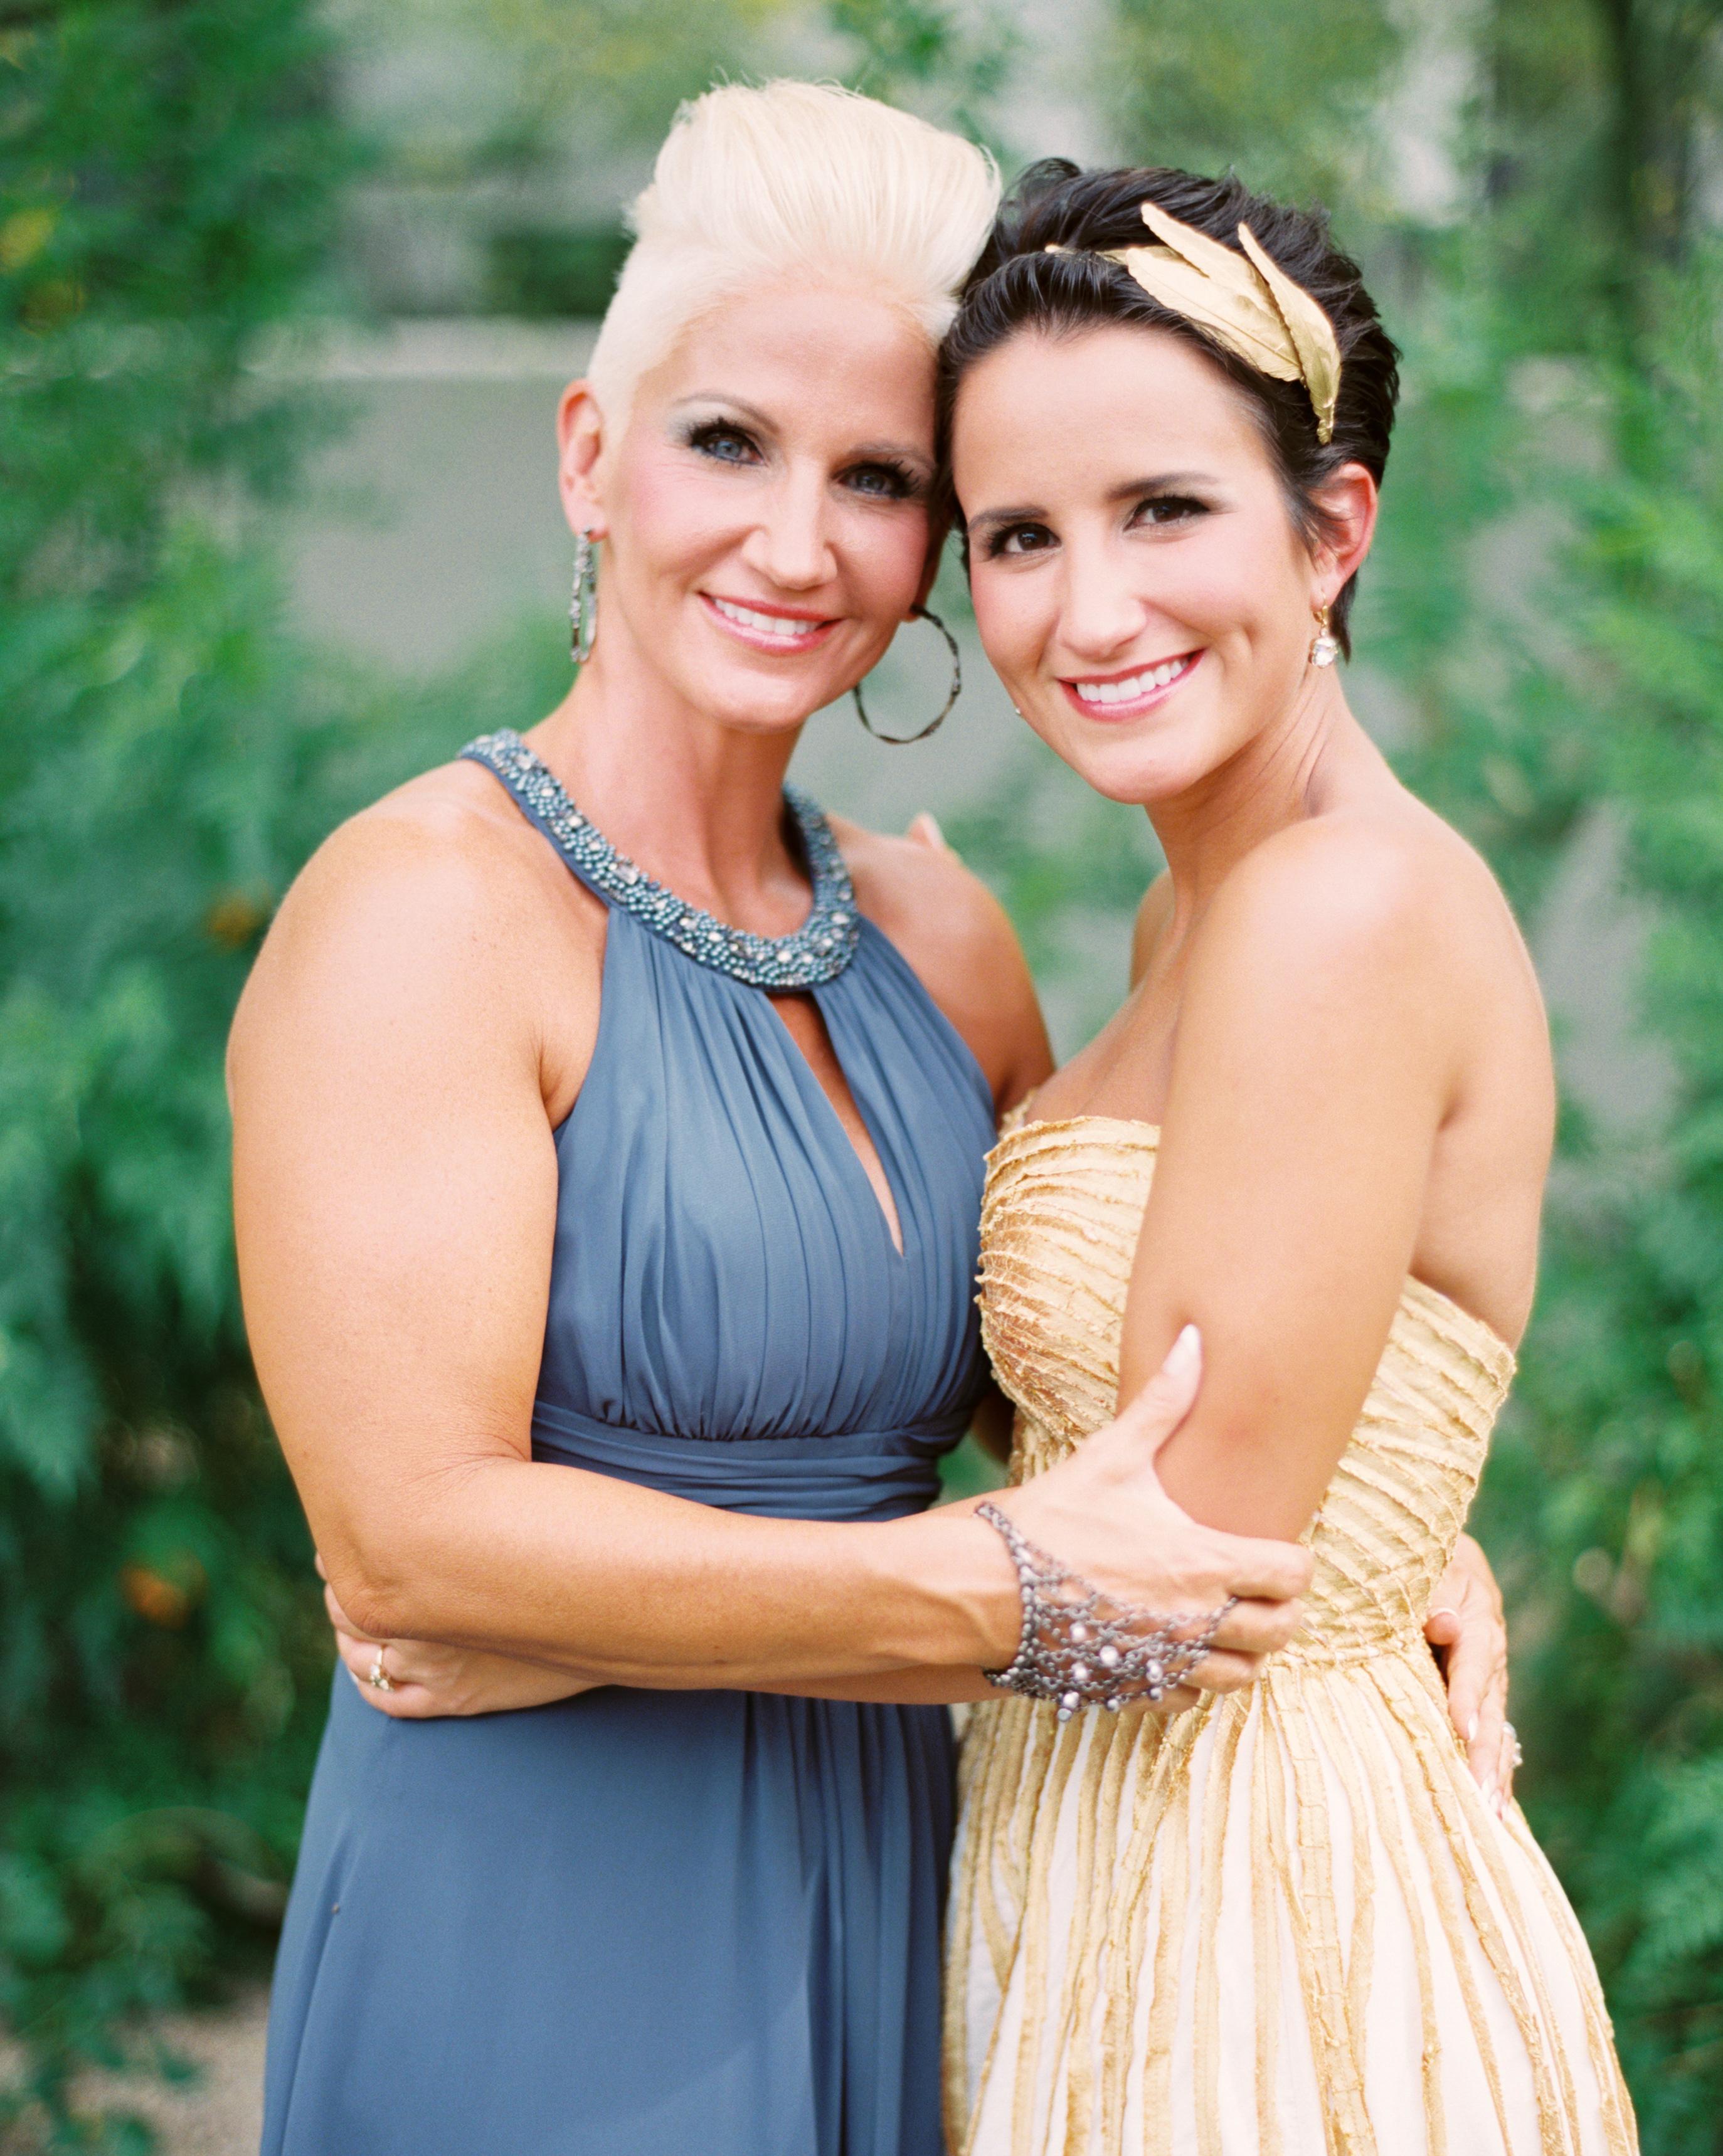 jessejo-daniel-wedding-mom-140-s112302-1015.jpg